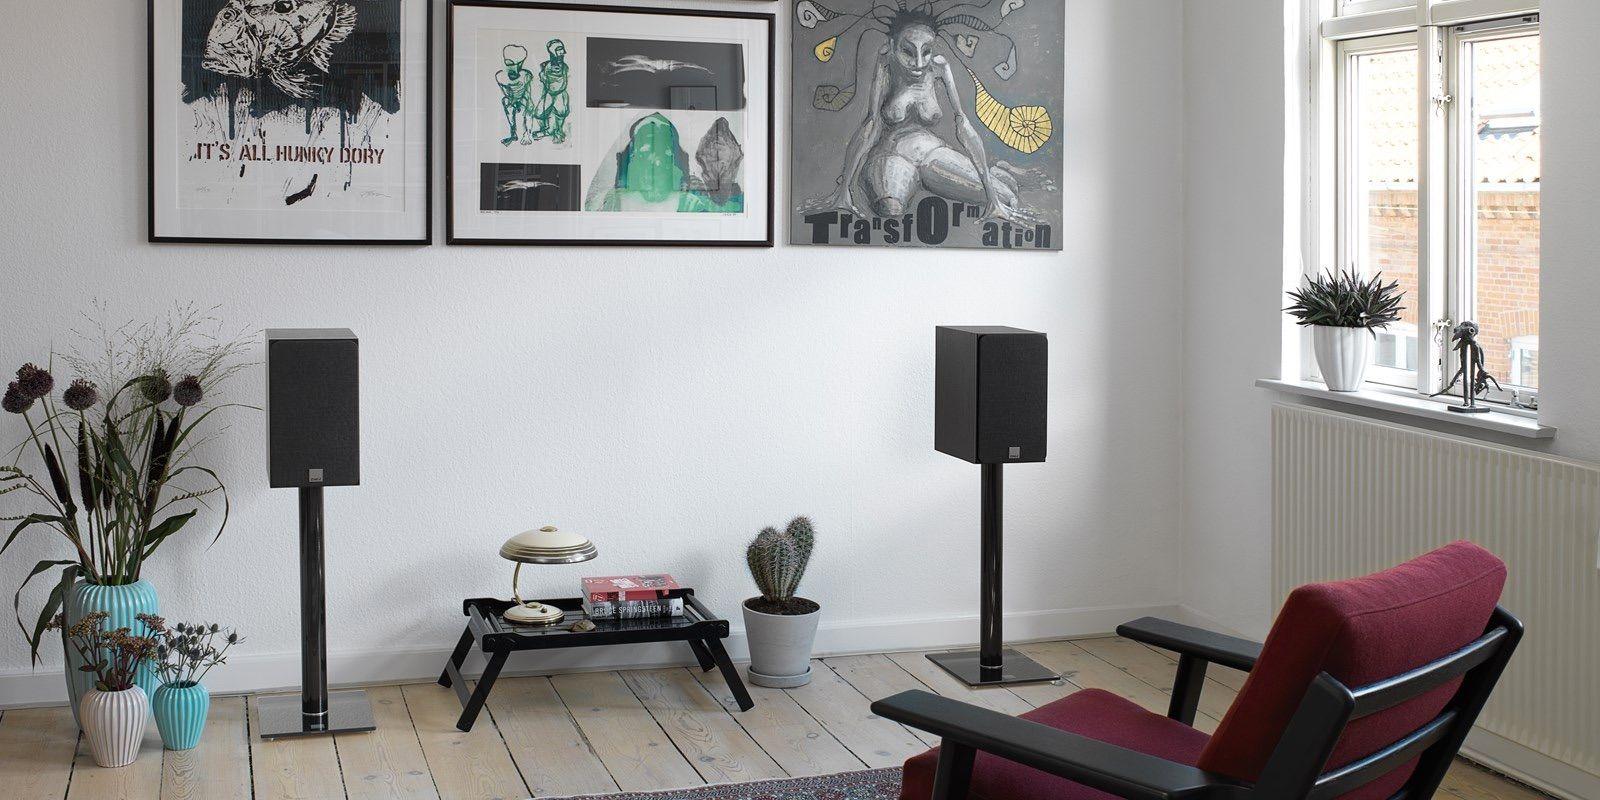 Dali Oberon 3 Negras con rejilla en interior